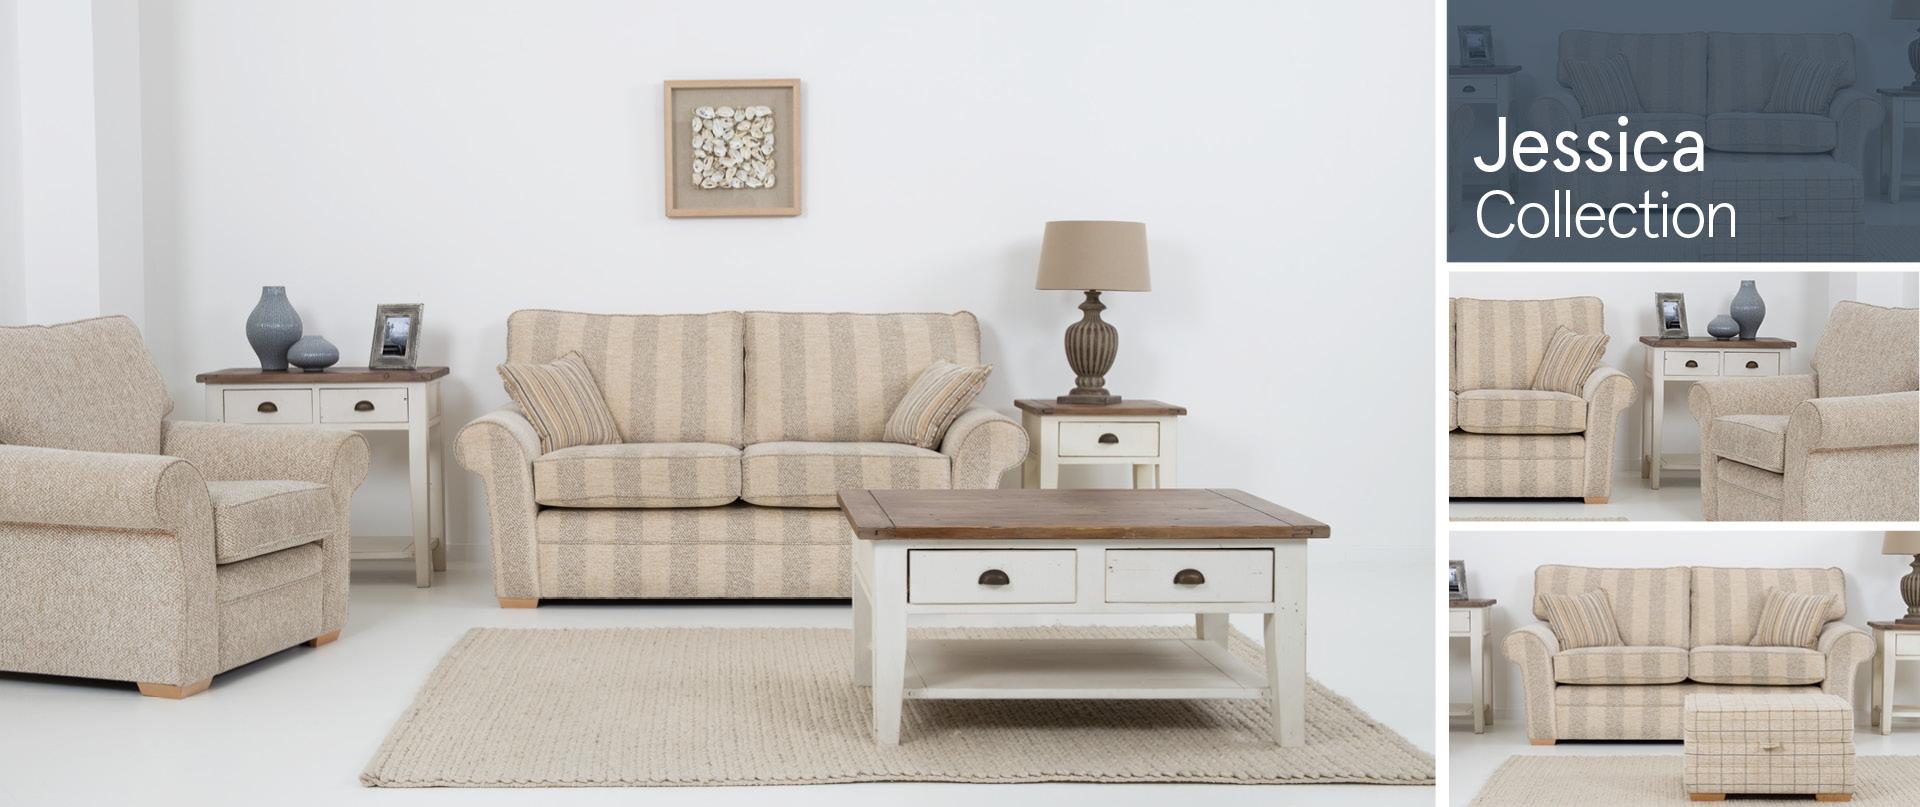 Jessica Fabric Sofa Ranges